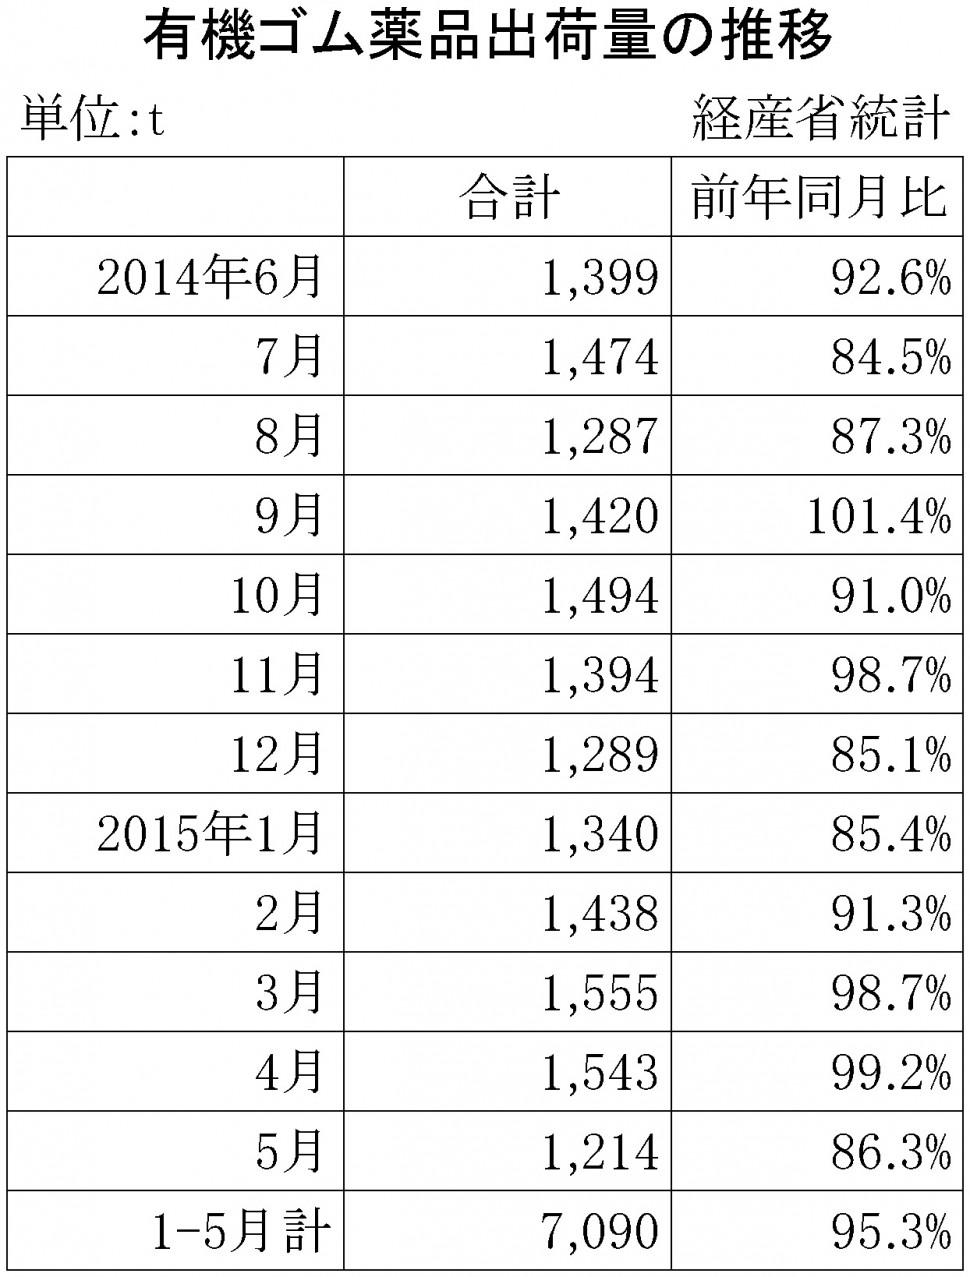 2015年5月のゴム薬品推移